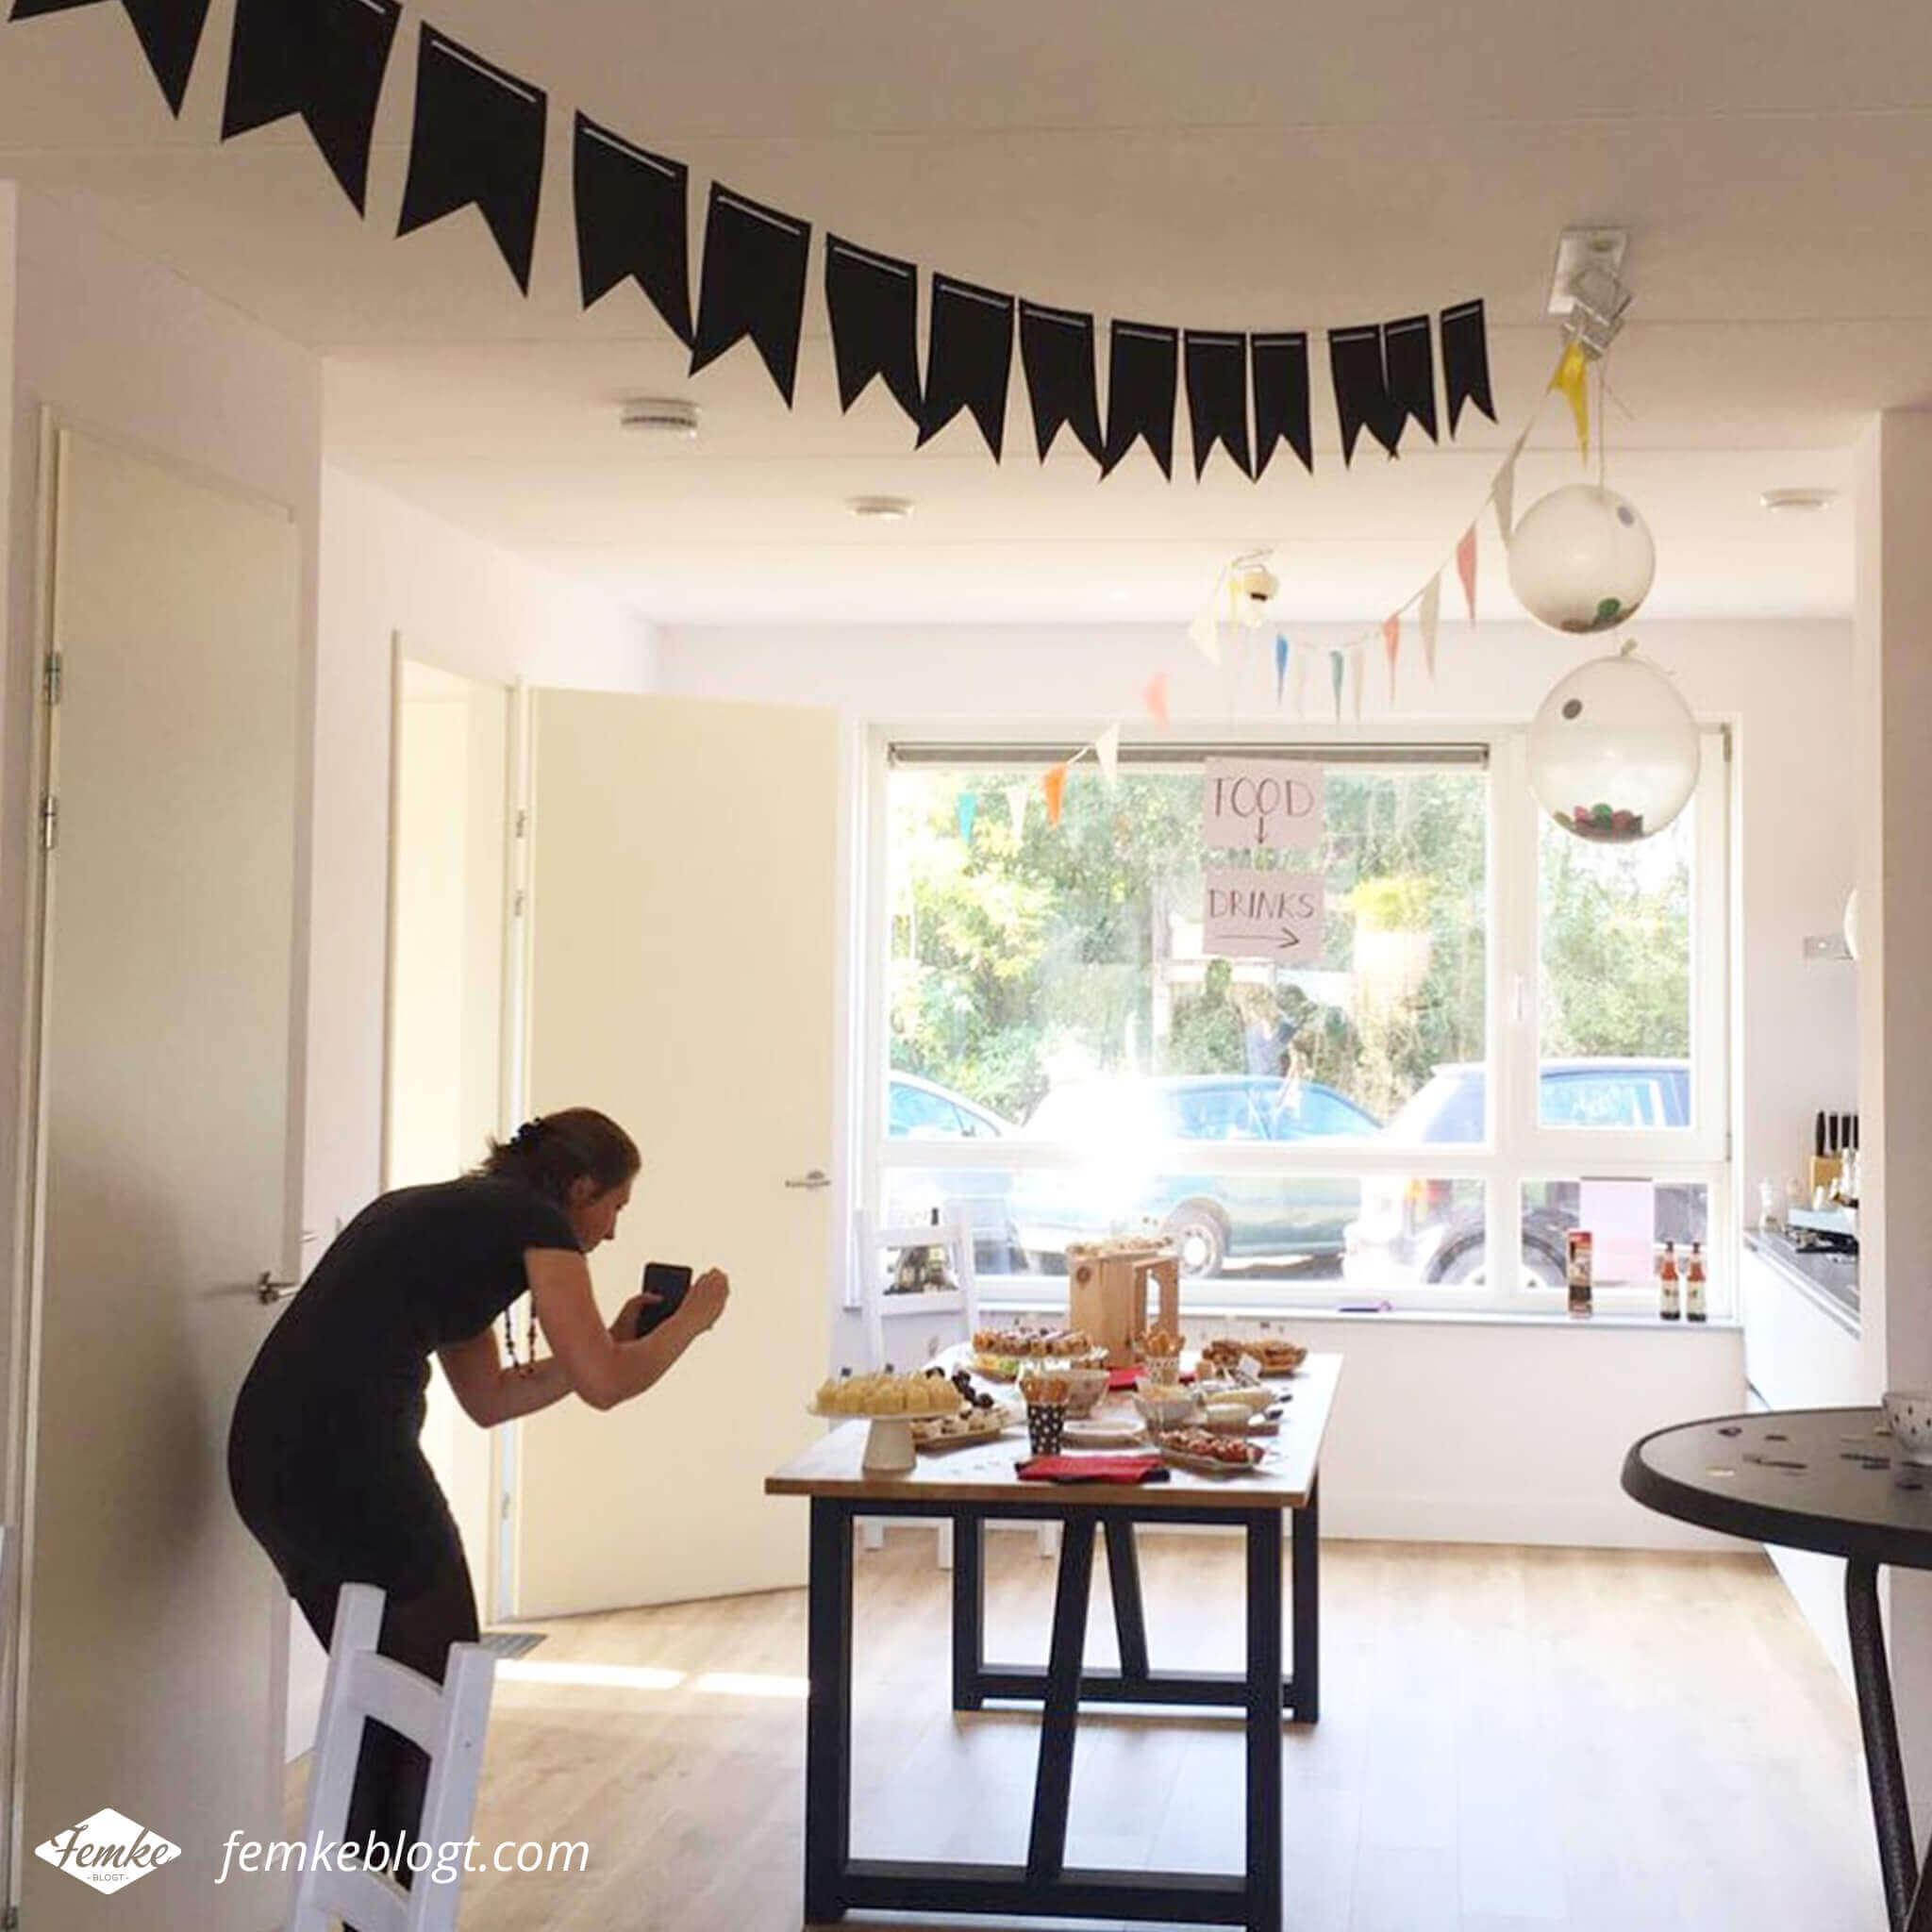 Maandoverzicht september | Onze housewarming, behind the scenes